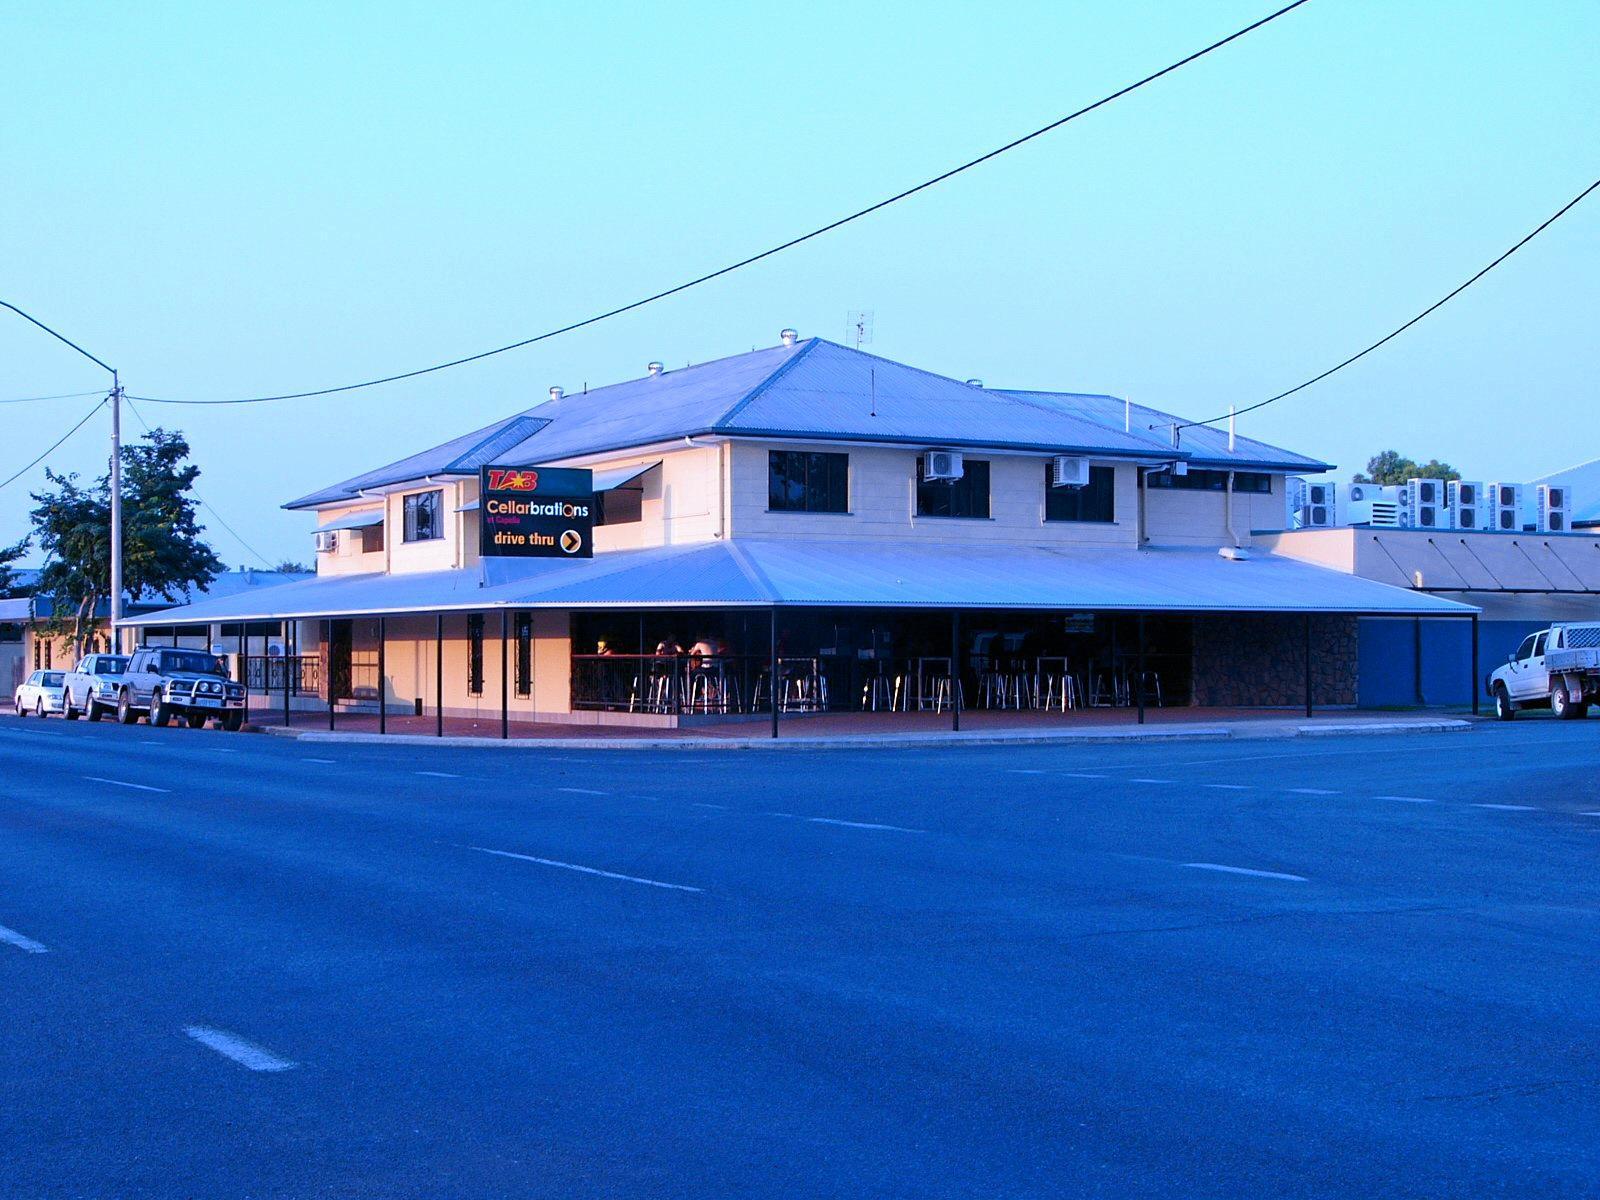 Capella Hotel Motel